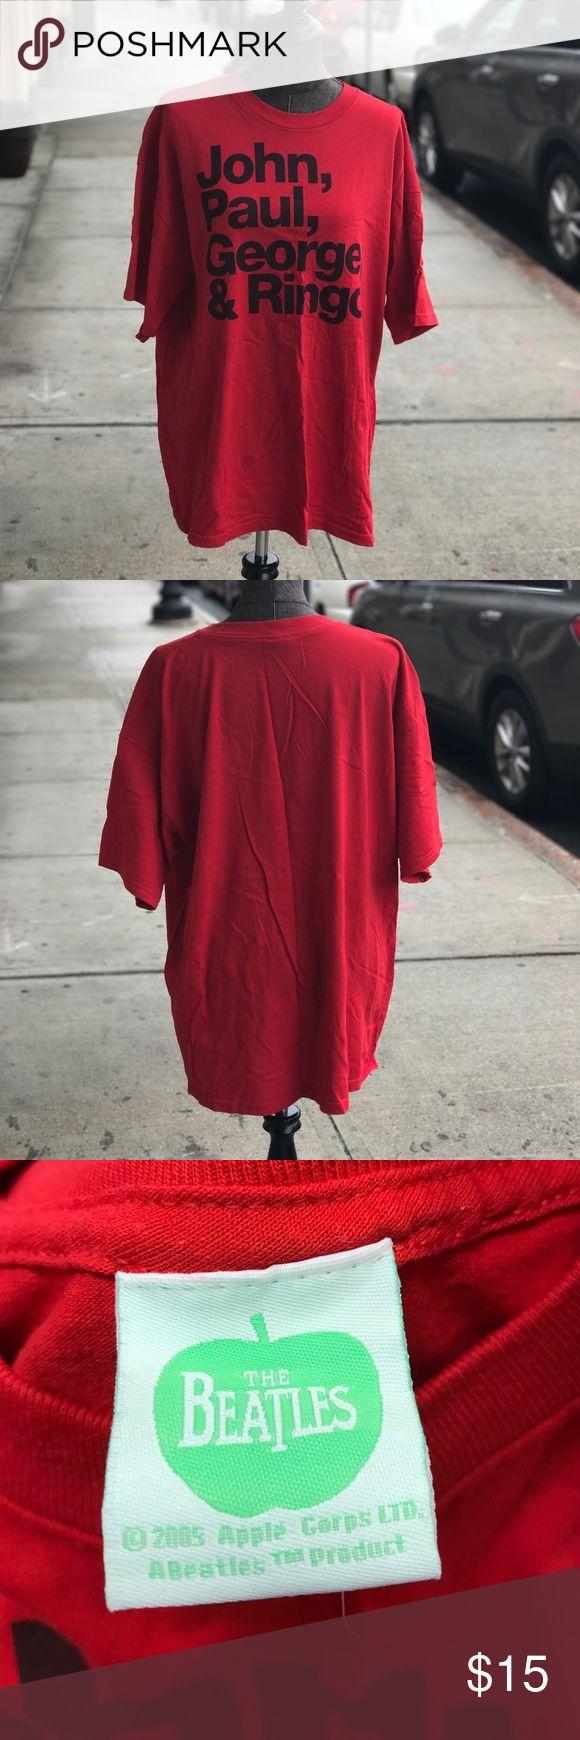 Beatles John Paul George Ringo Red T-Shirt XXL Beatles John Paul George Ringo Red T-Shirt XXL Tops Tees - Short Sleeve